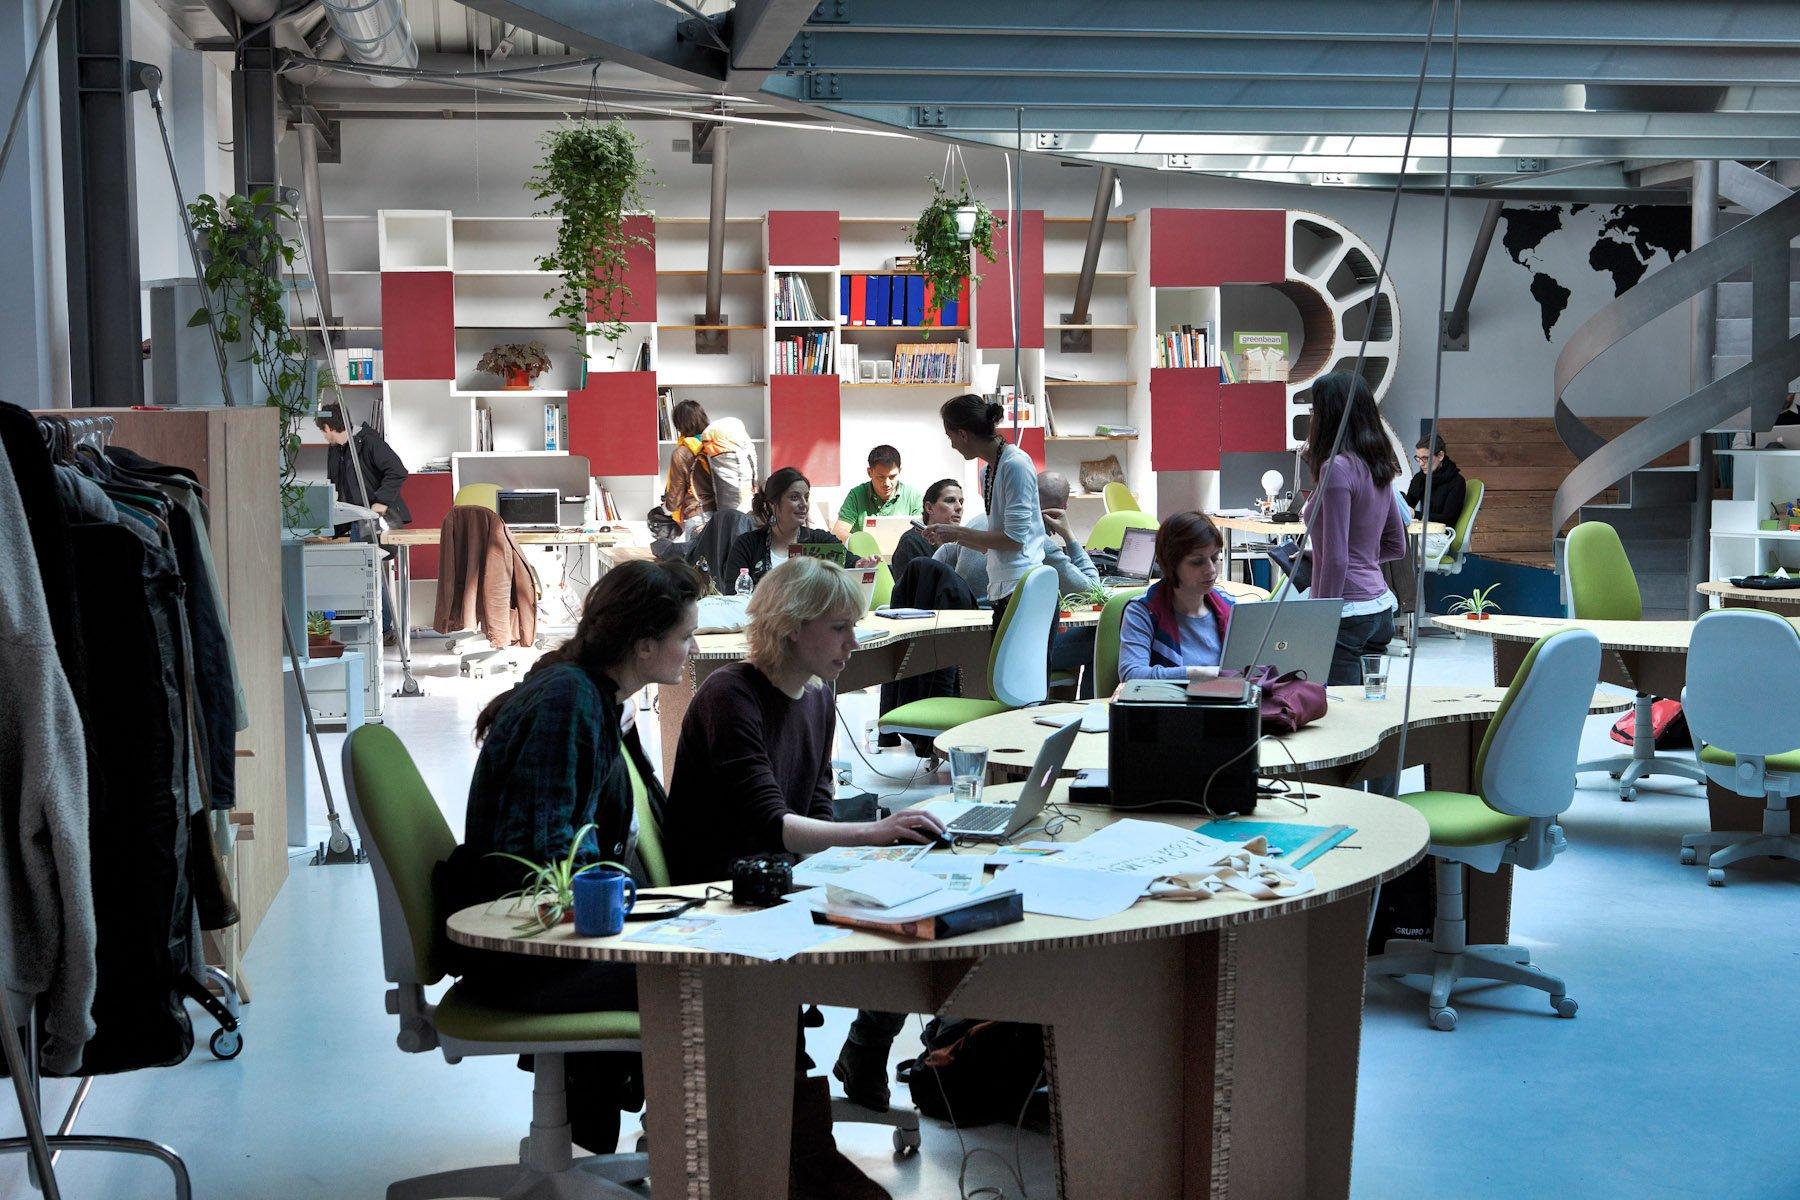 Italia startup Hub   Nuova mossa del Governo per attrarre talenti